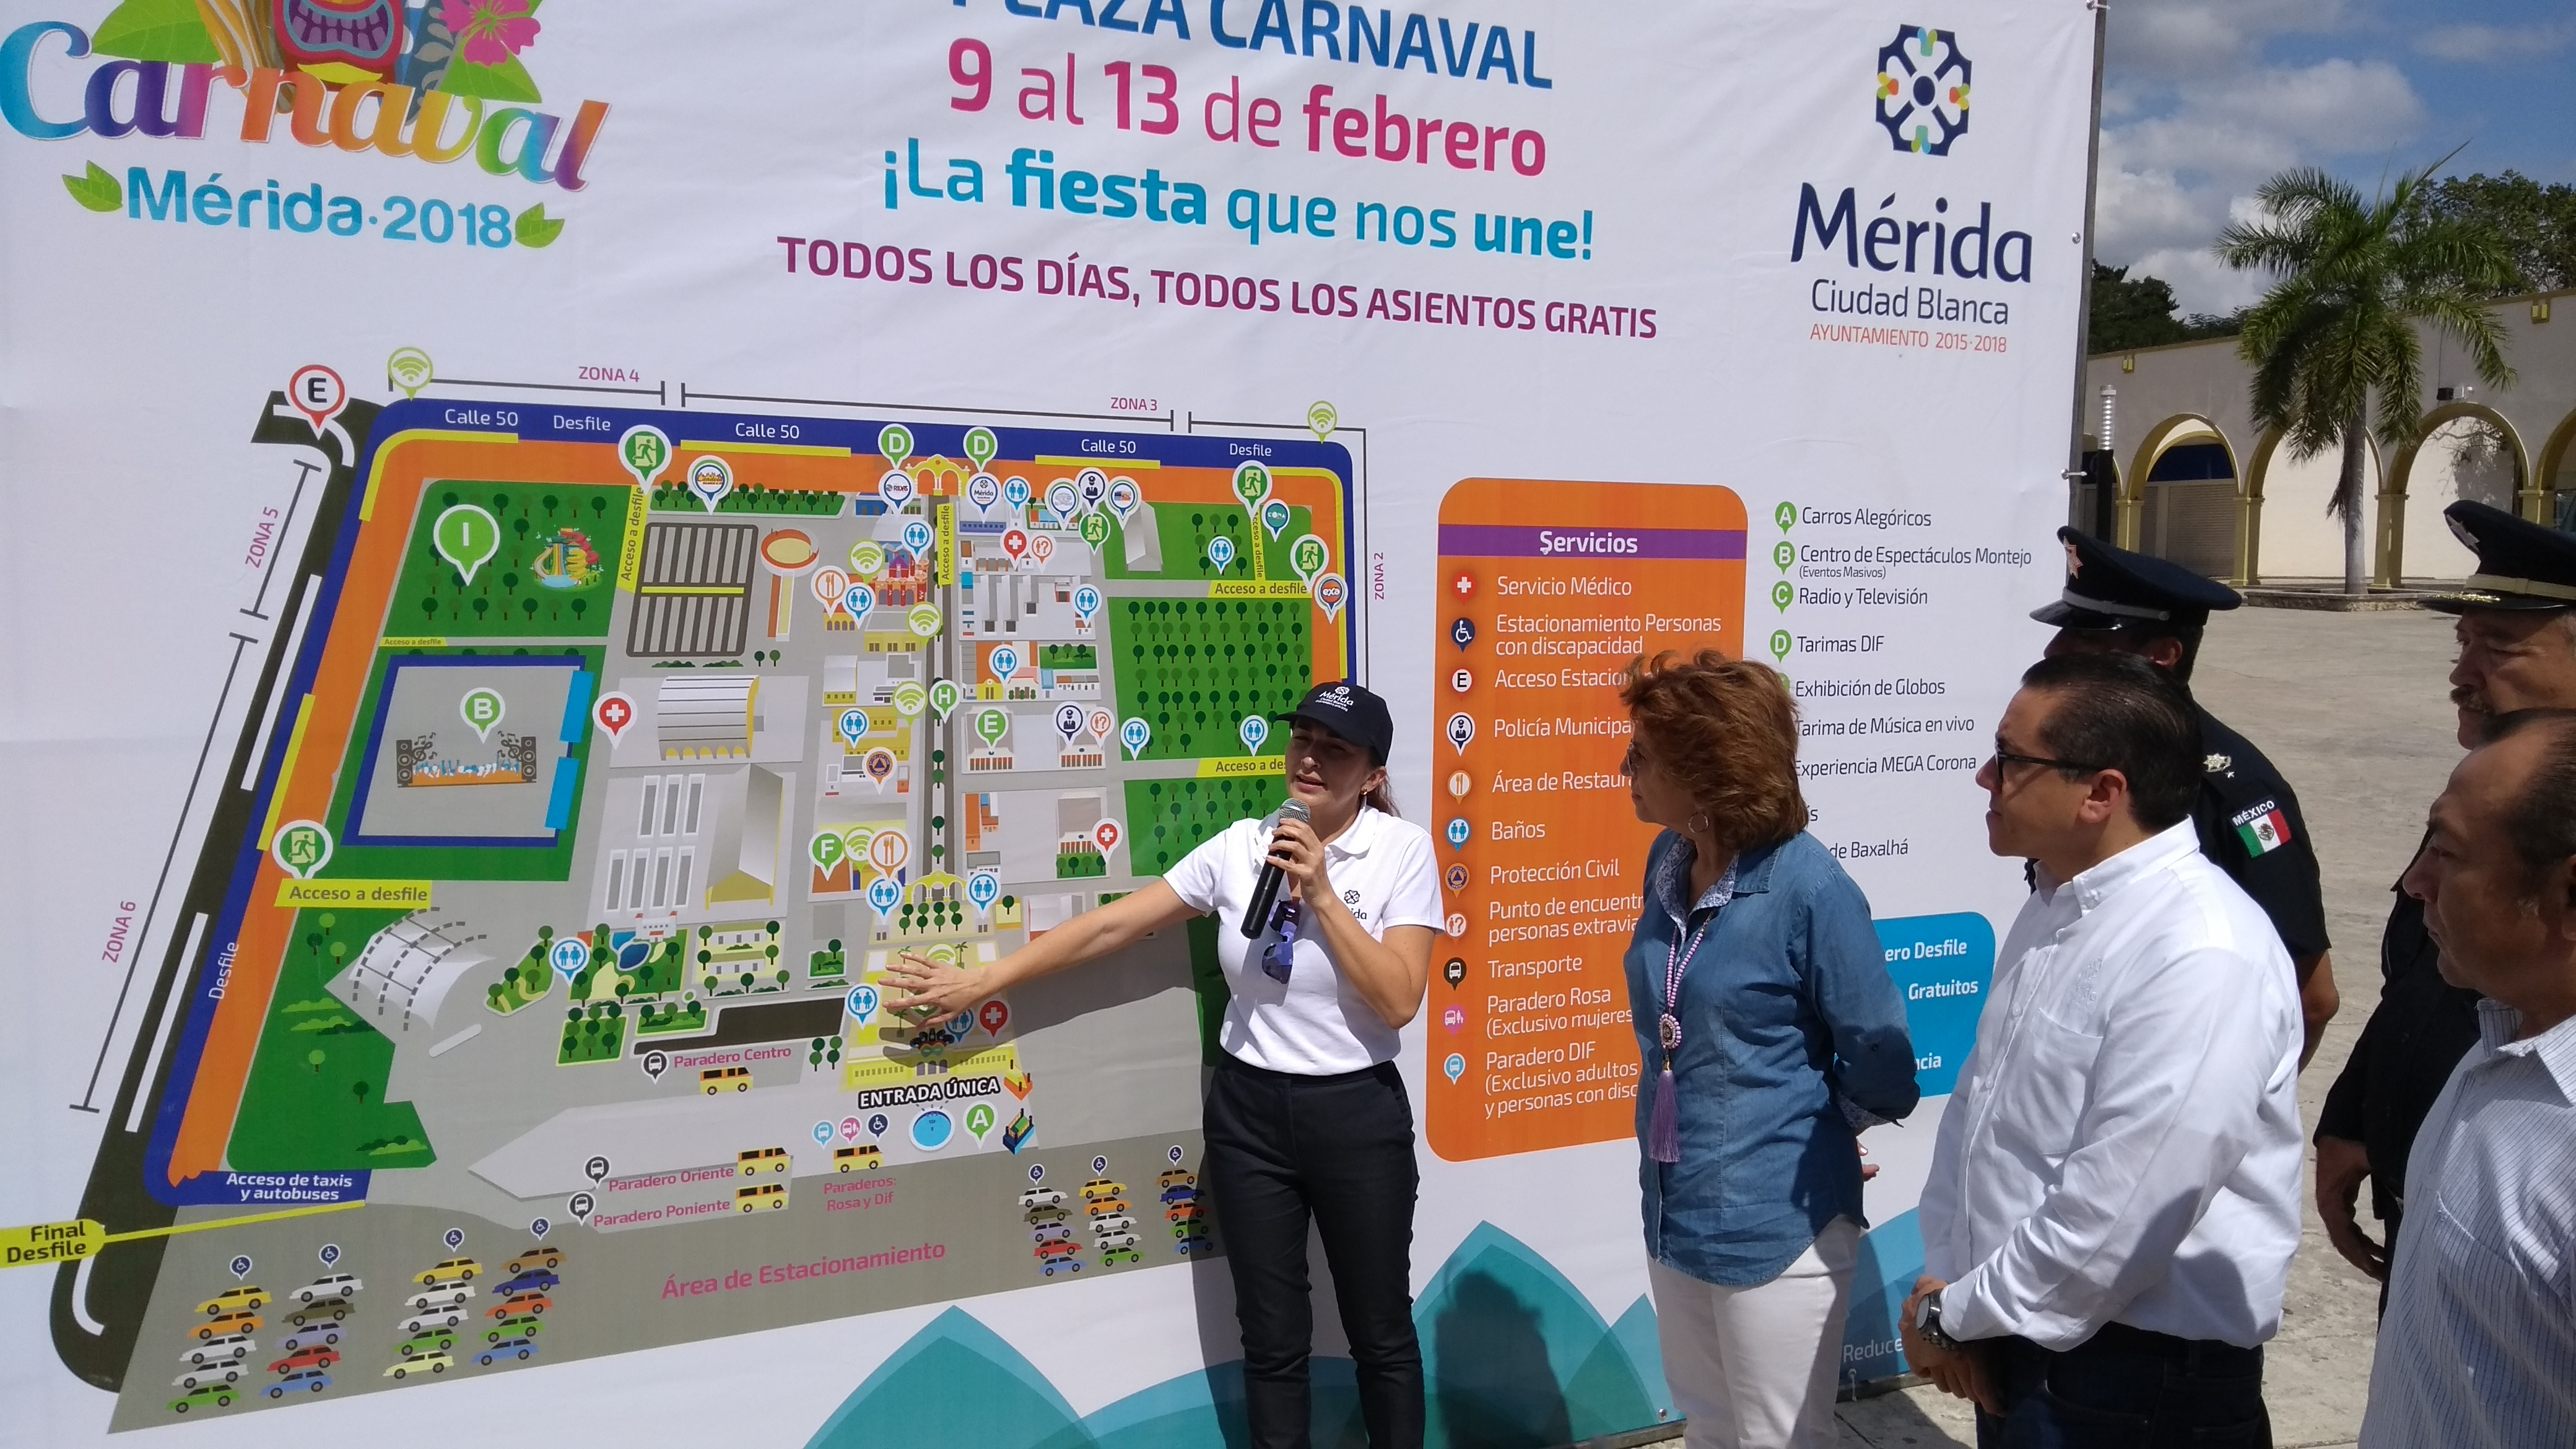 Esto encontrarás en el Carnaval de Mérida 2018